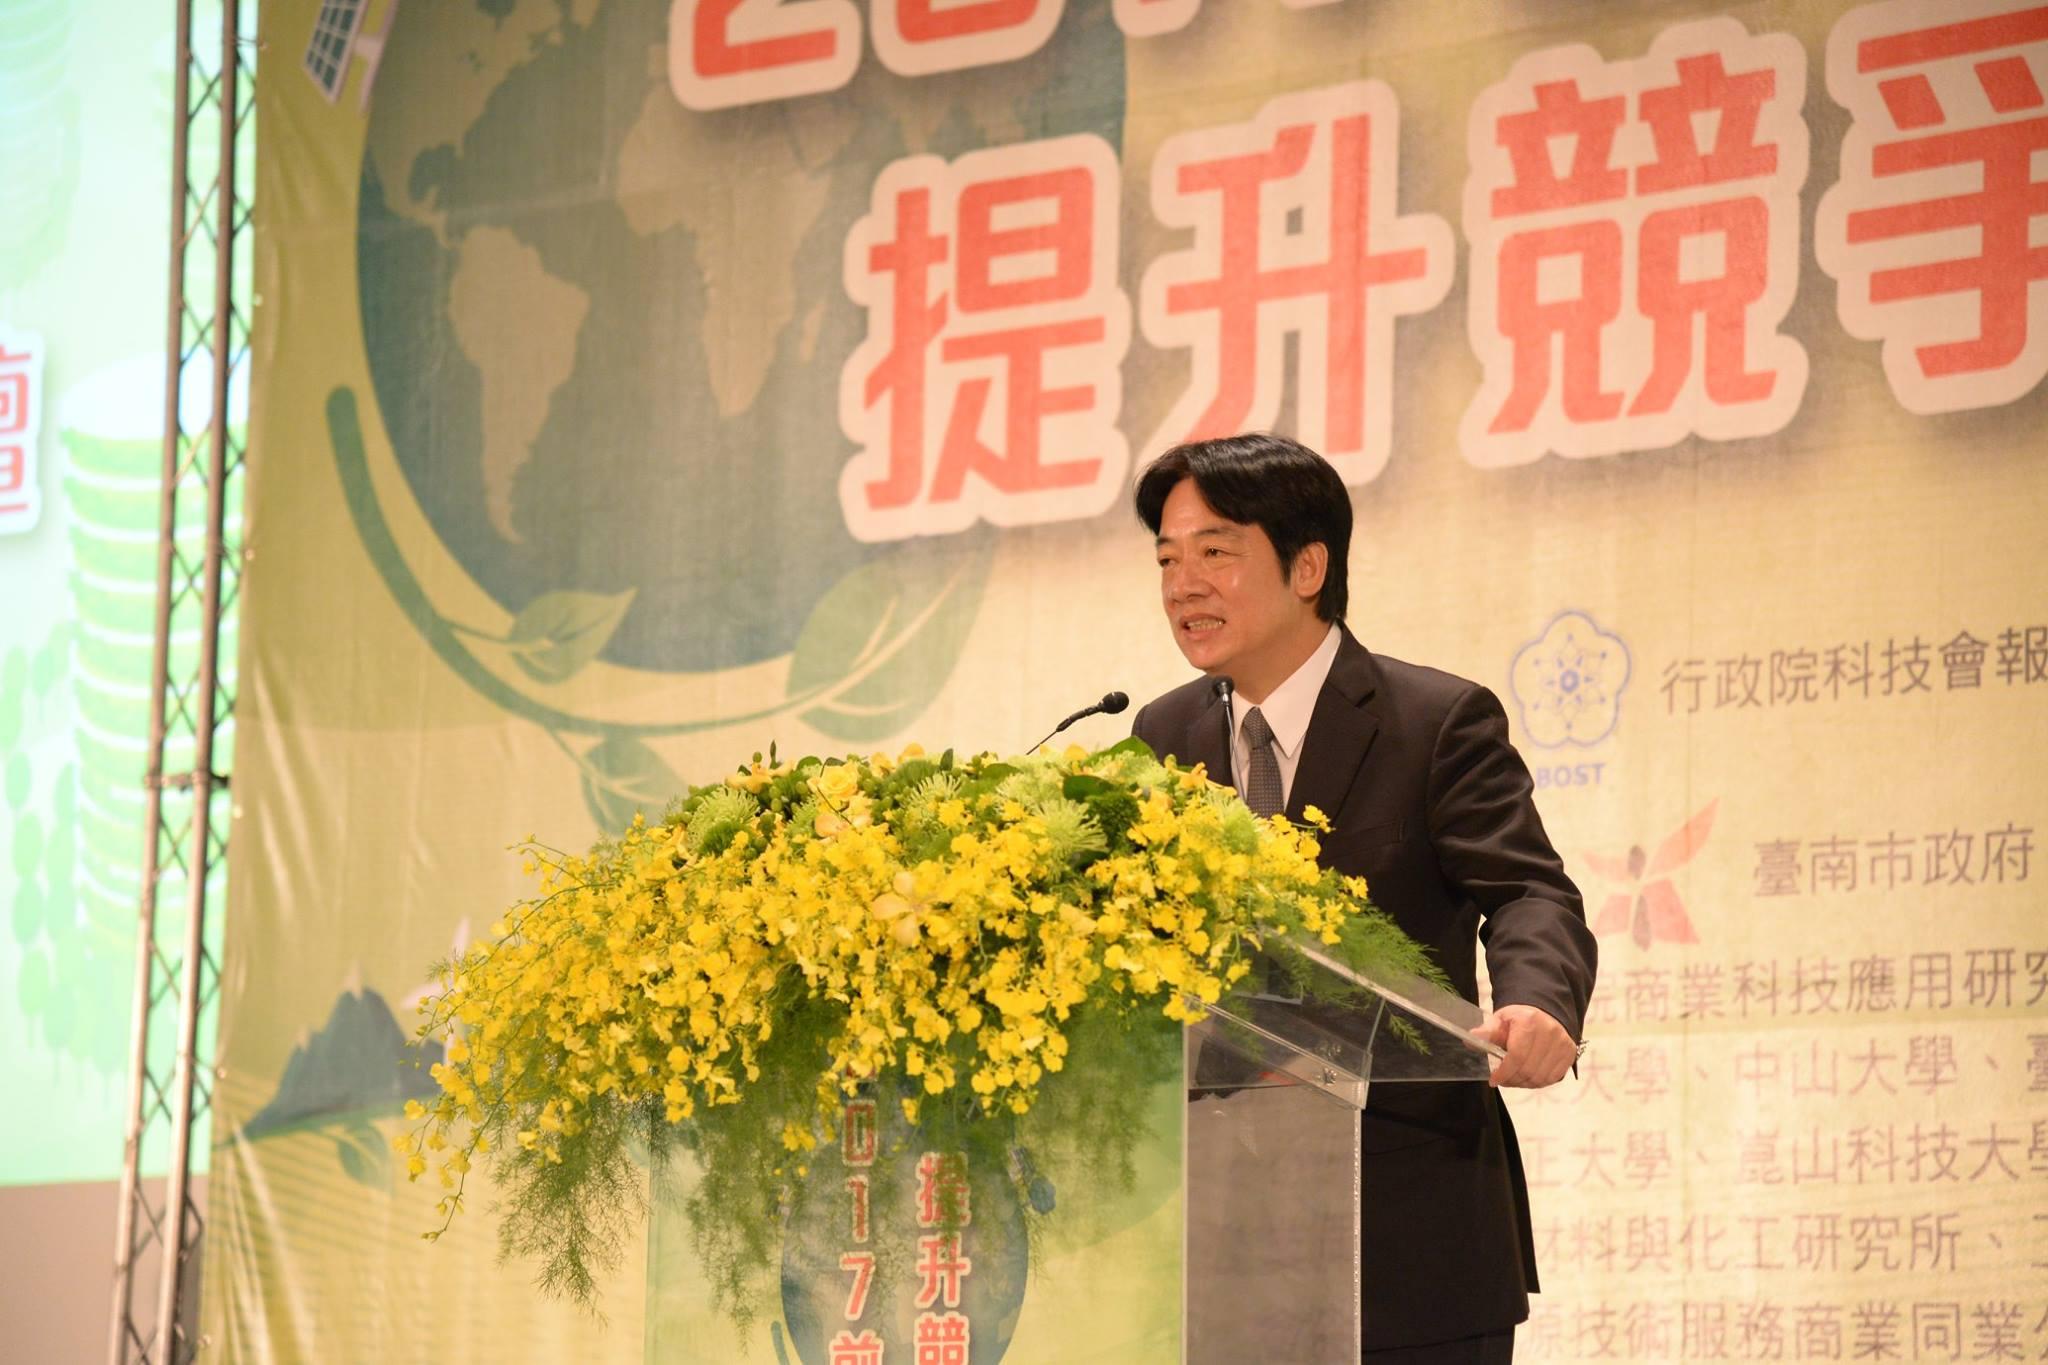 【本會協辦】2017前瞻綠色生活 提升國家競爭力